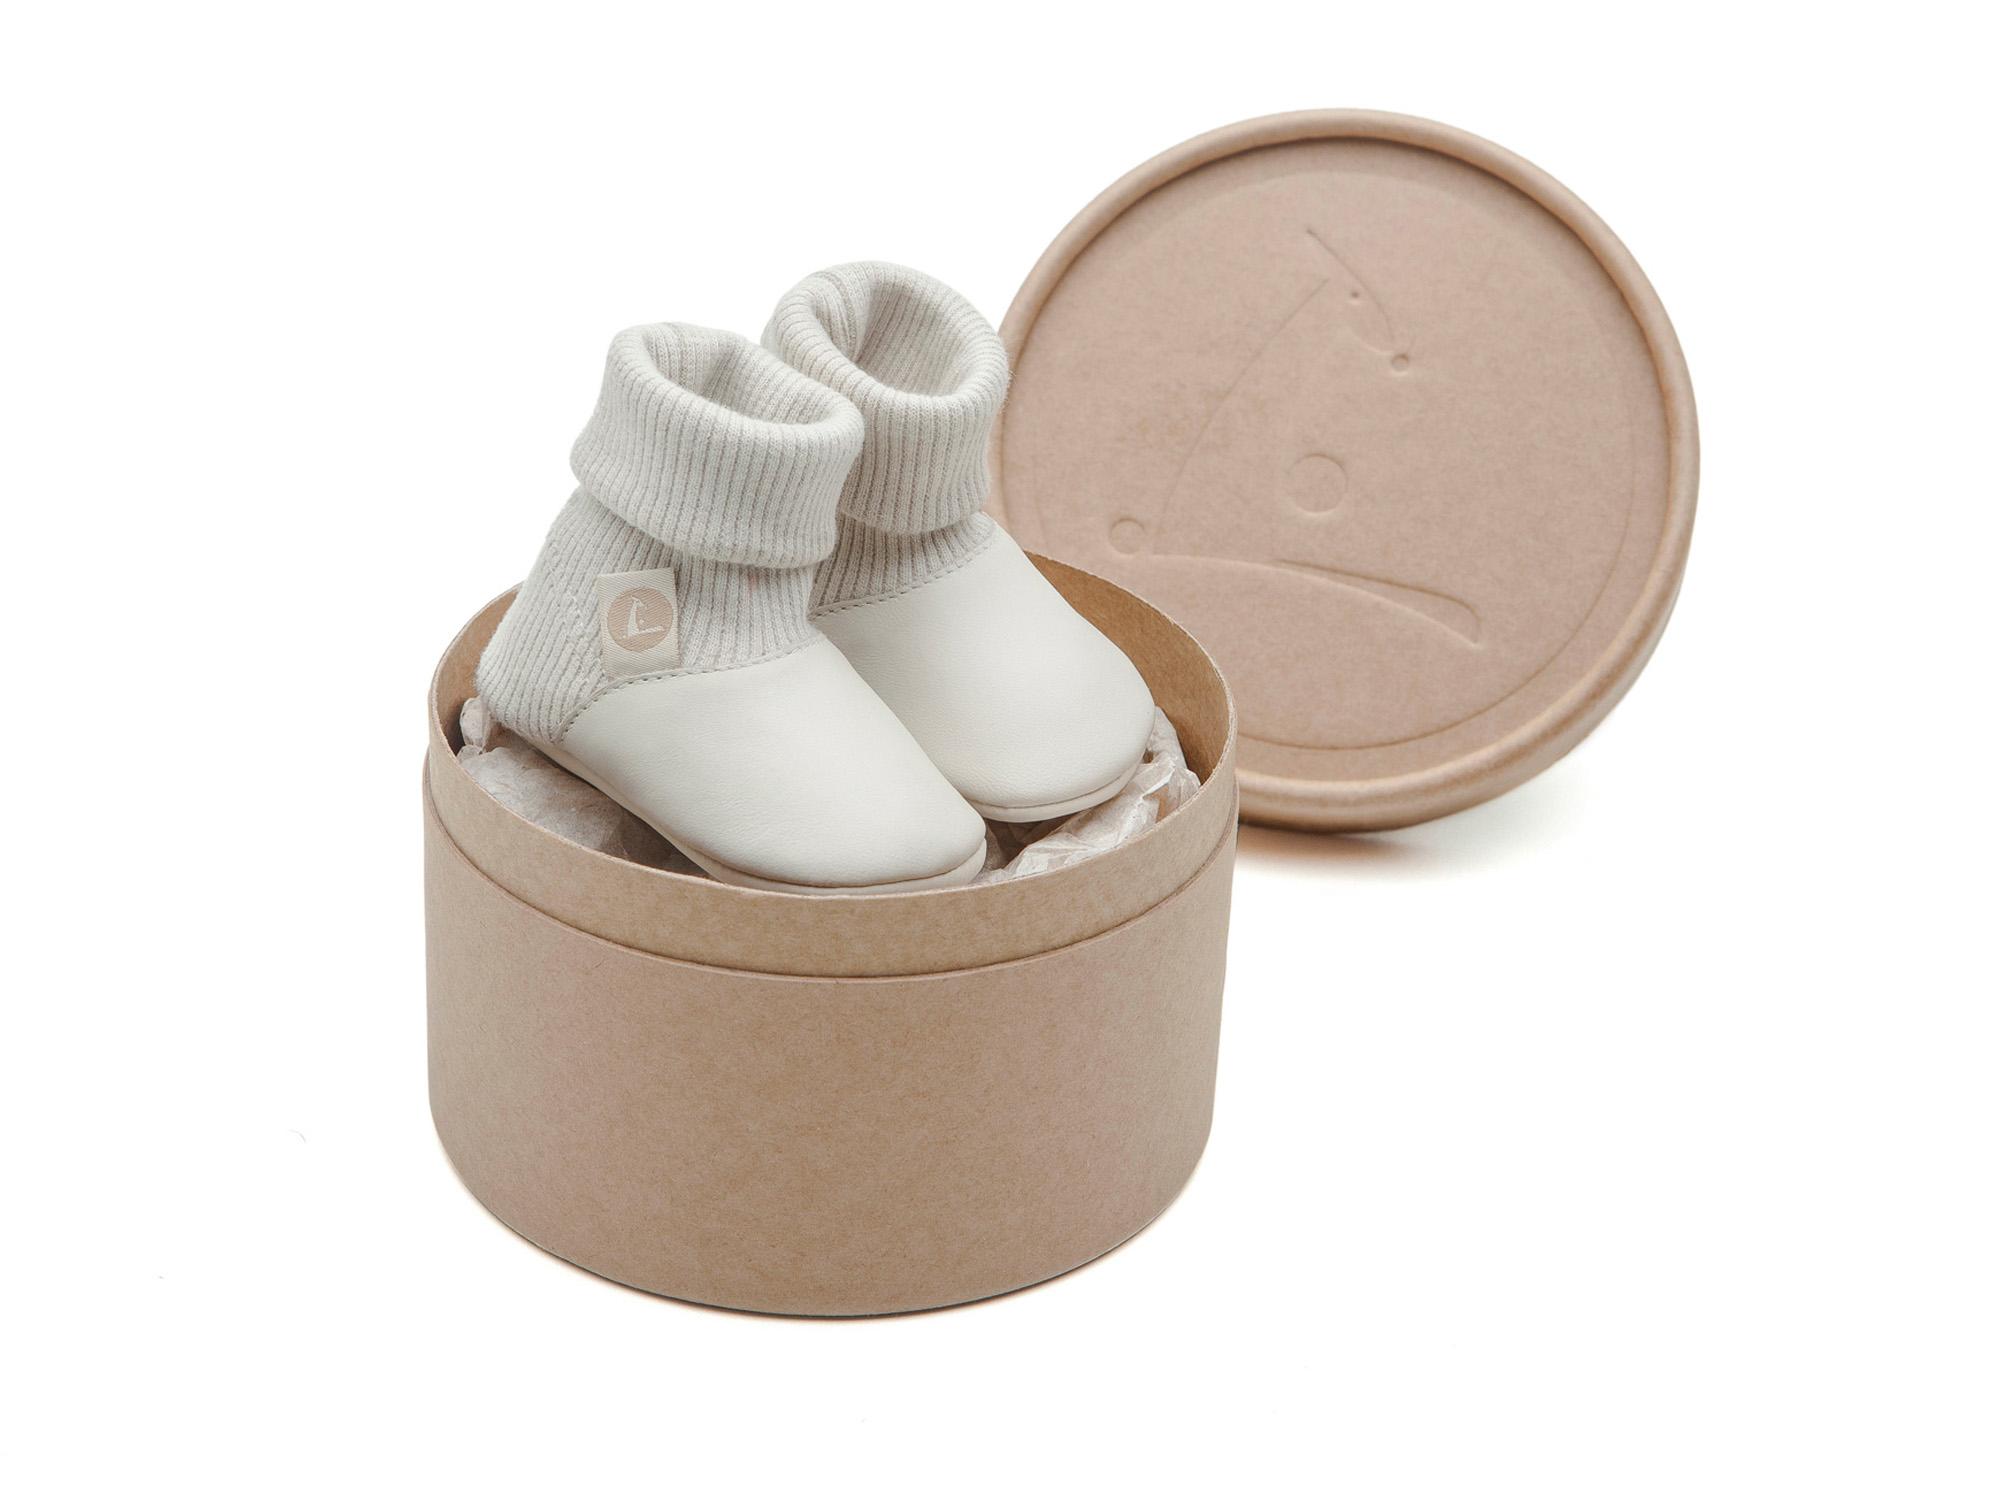 Bota Laugh Tapioca Baby 0 à 2 anos - 3